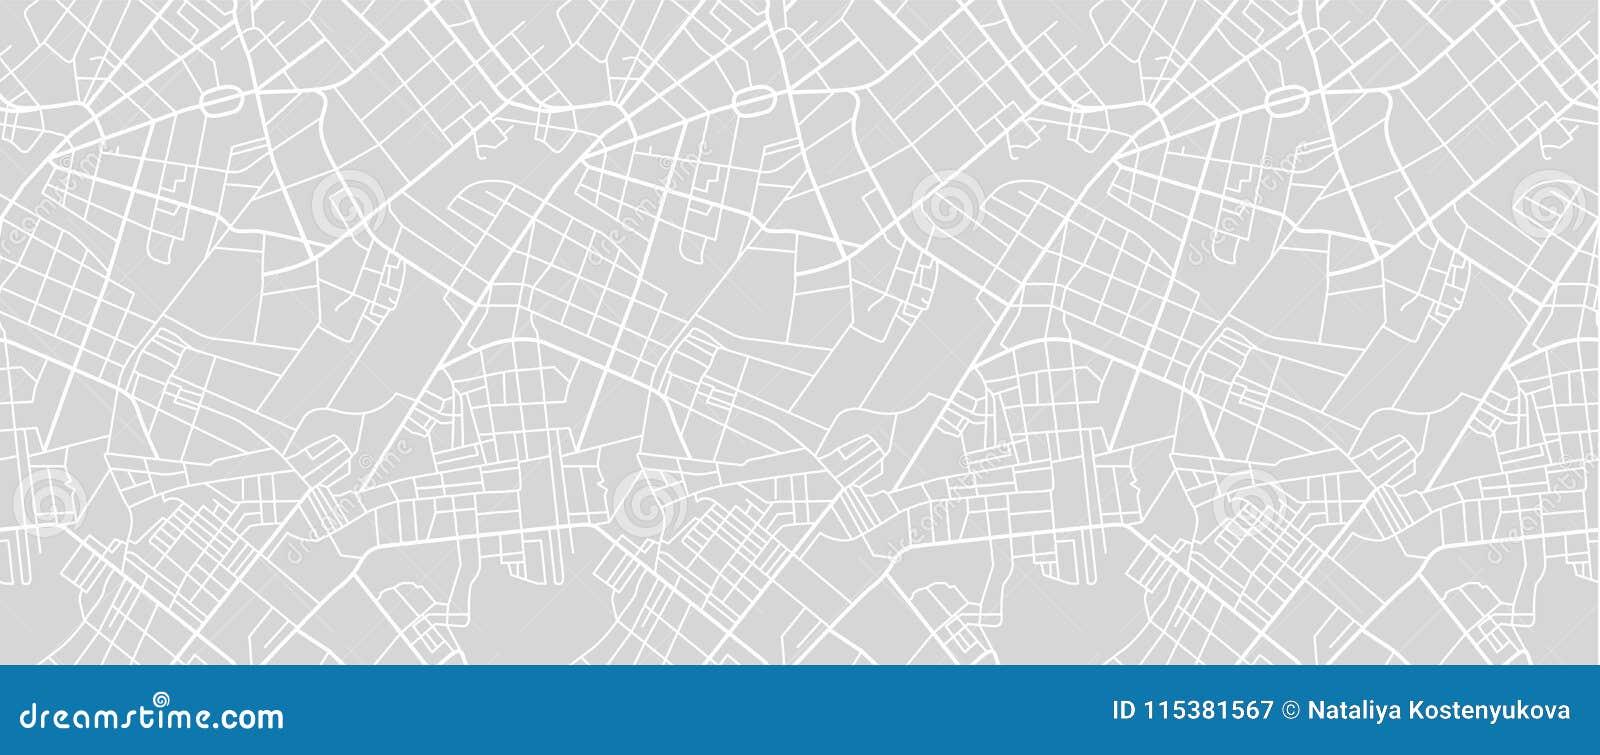 Карта улицы городка